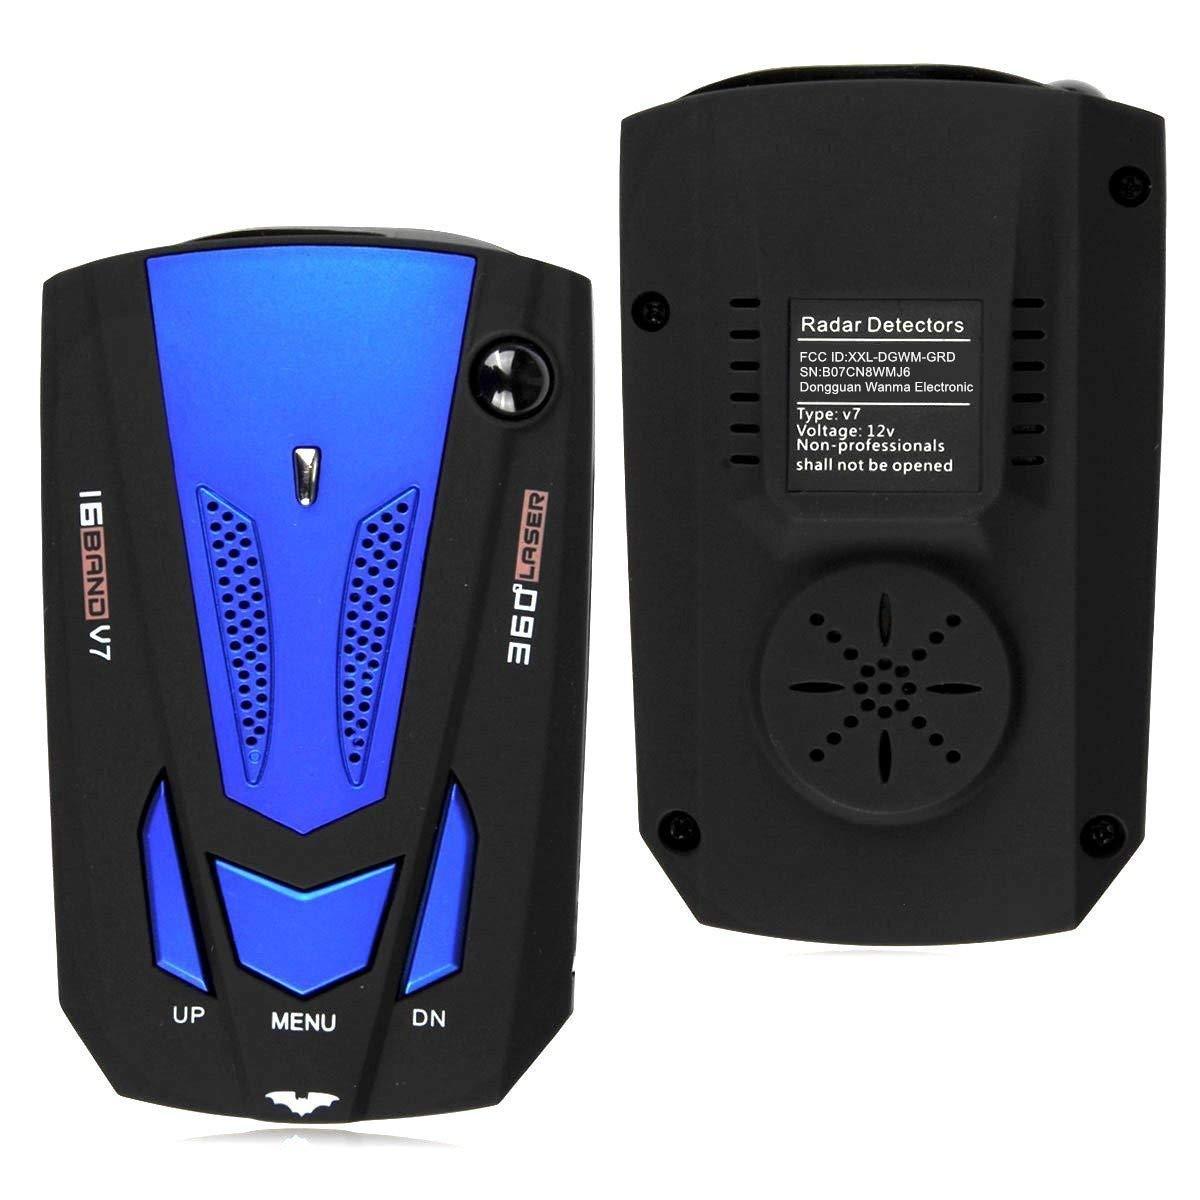 Amazon.com: ToysUkids Radar Detector,Radar Detector B: Health & Personal Care